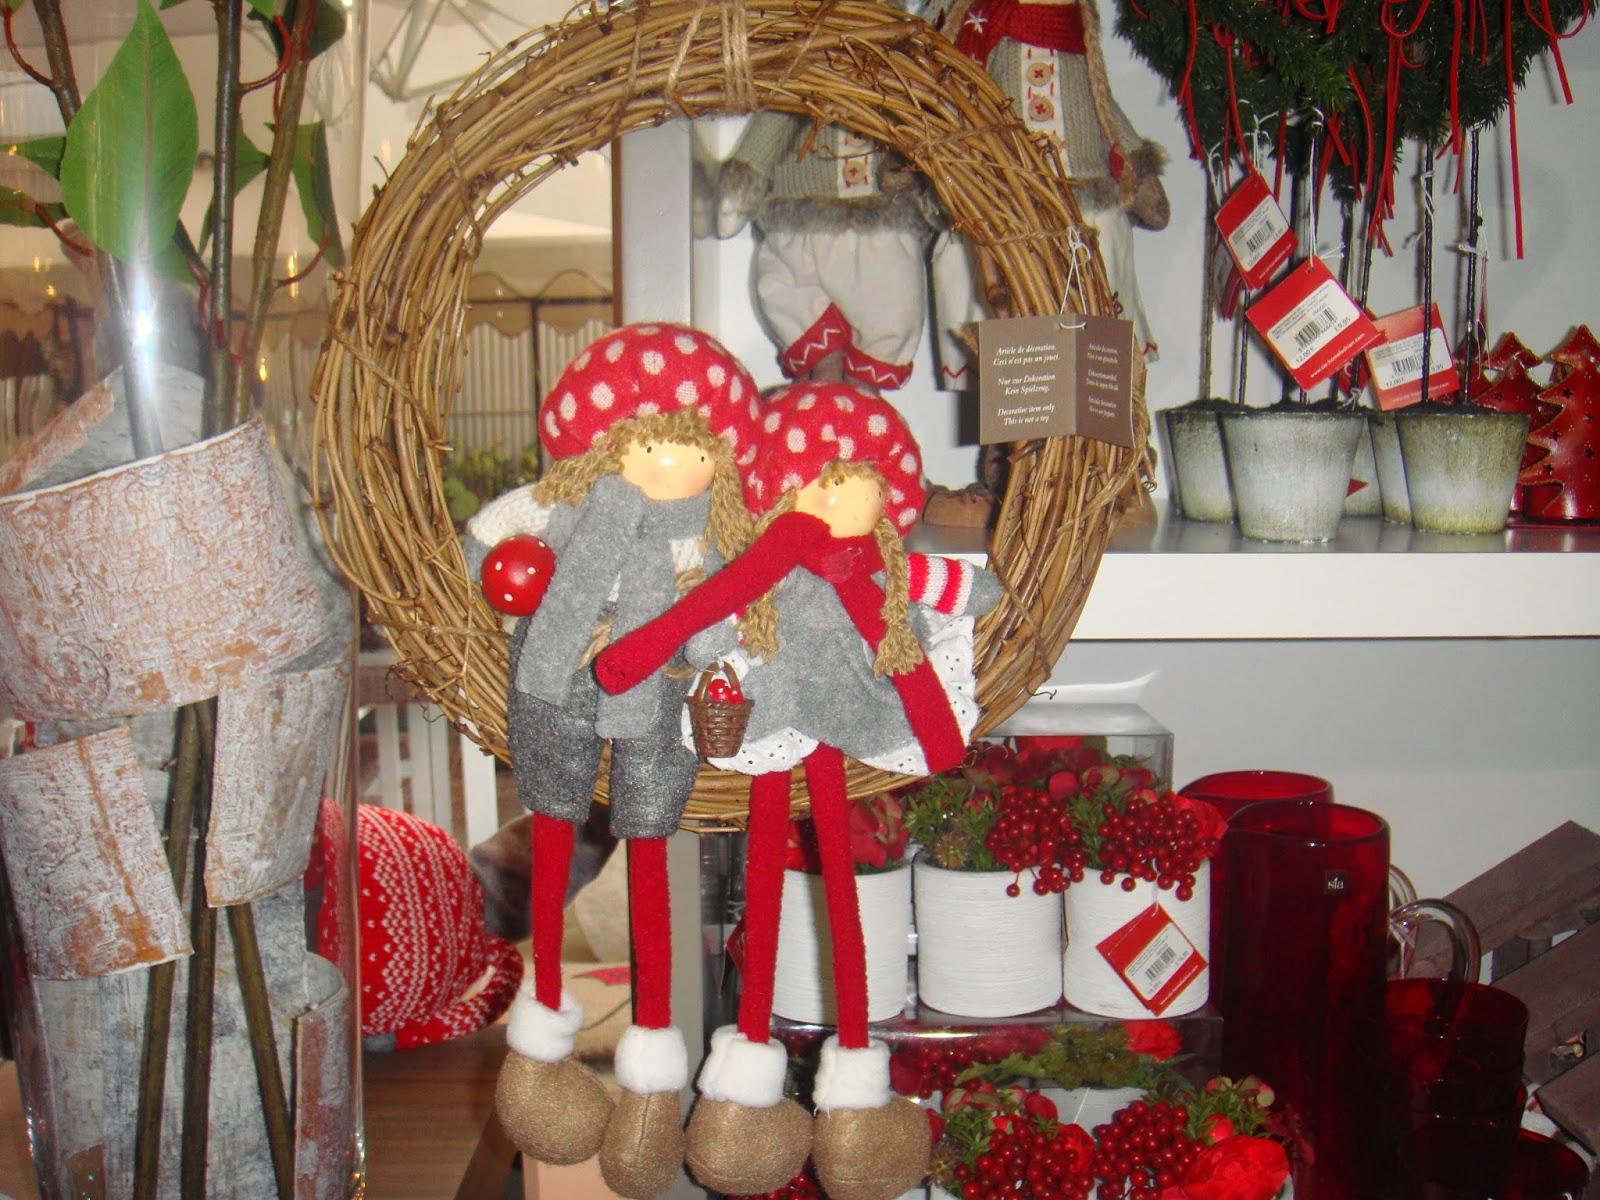 Con lim n y sal detalles para navidad - Detalles de navidad ...